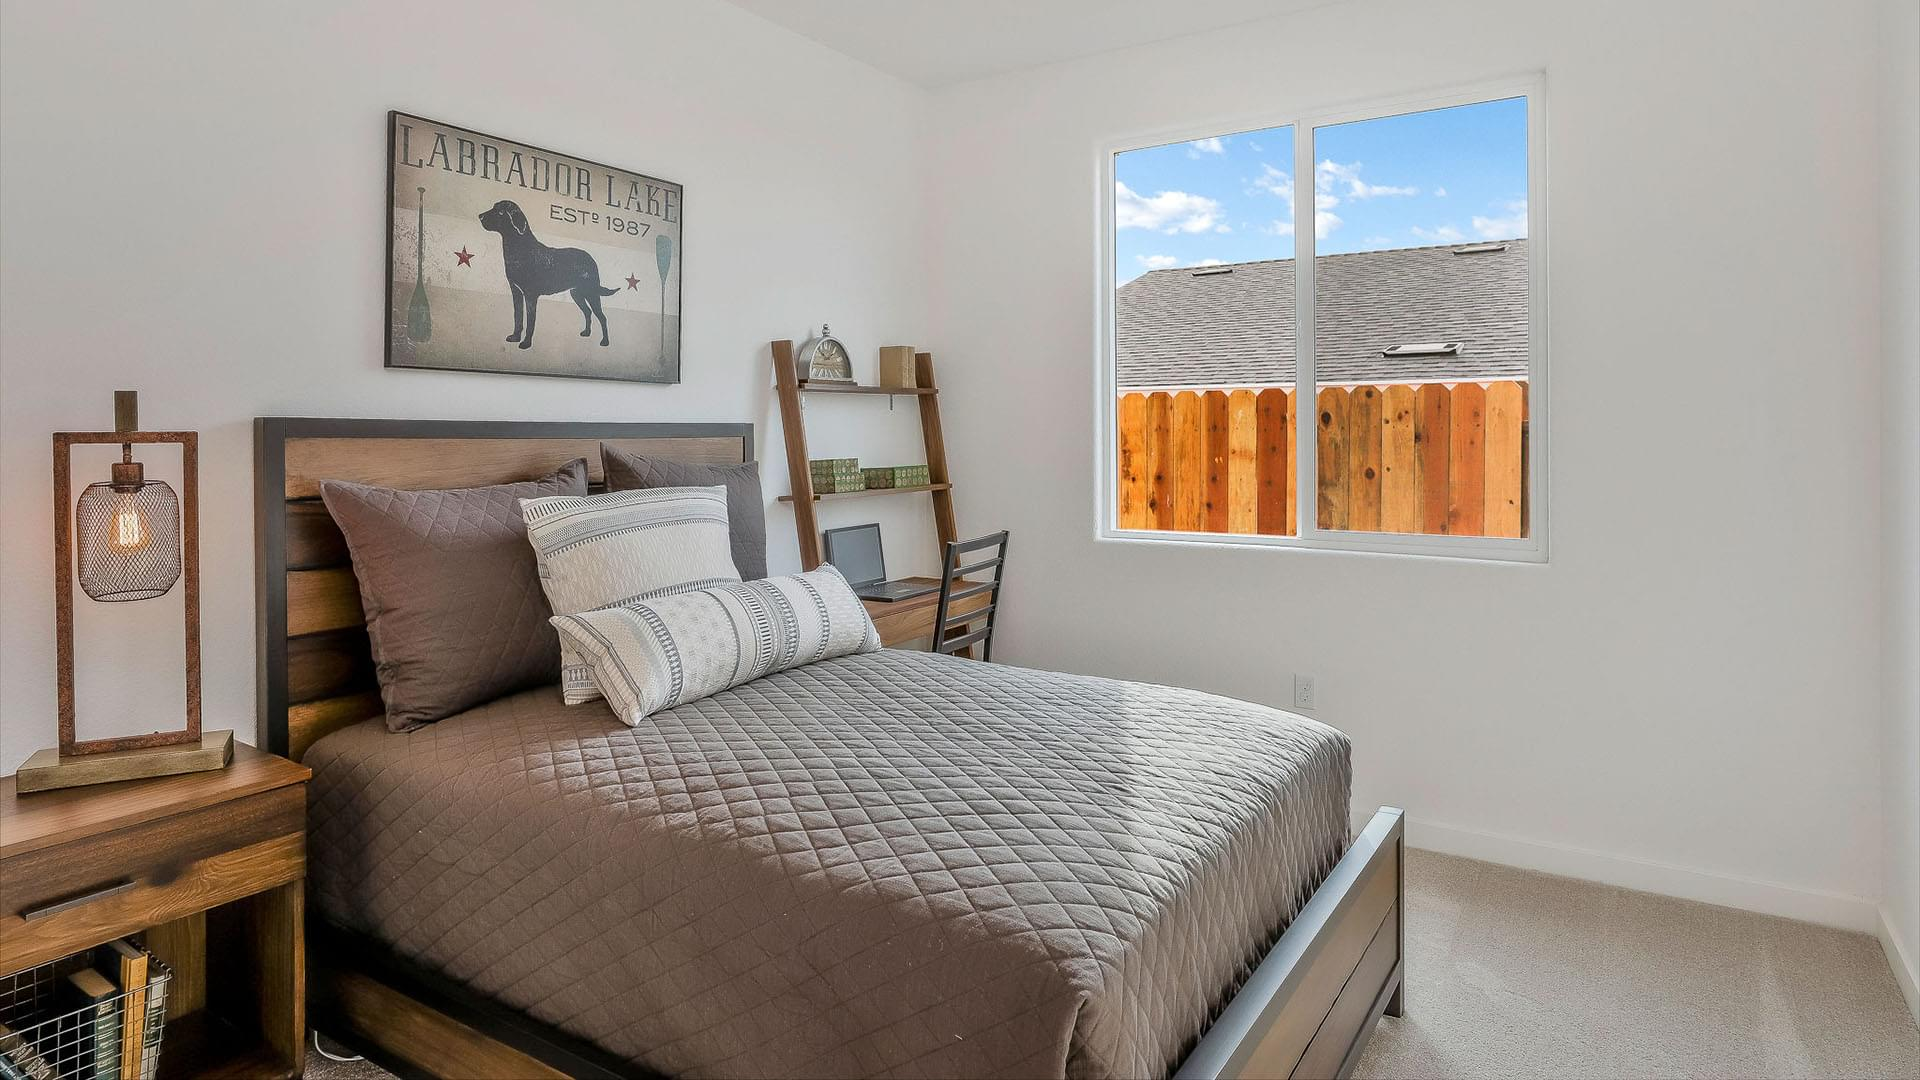 Residence 3 Alt Bedroom 3